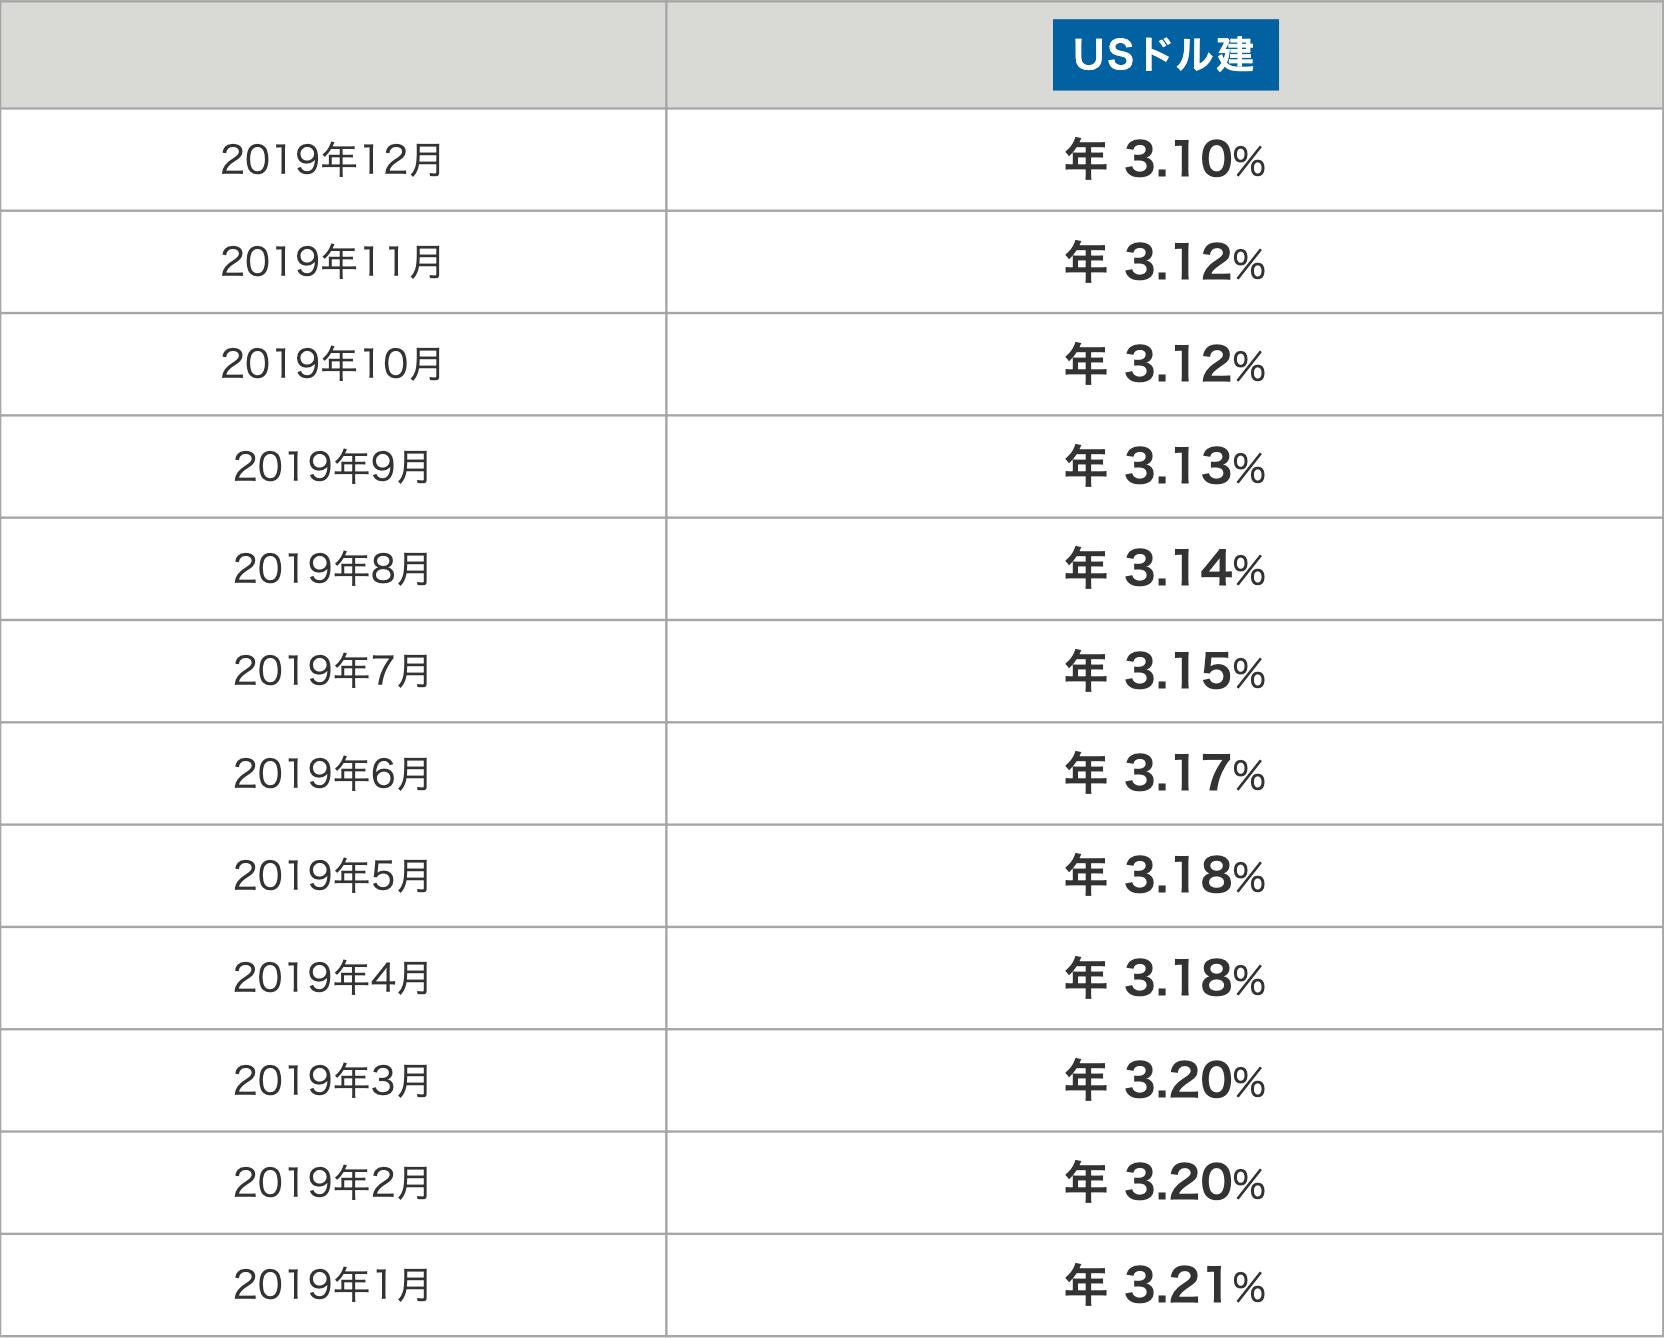 ドルスマートSの積立利率の推移